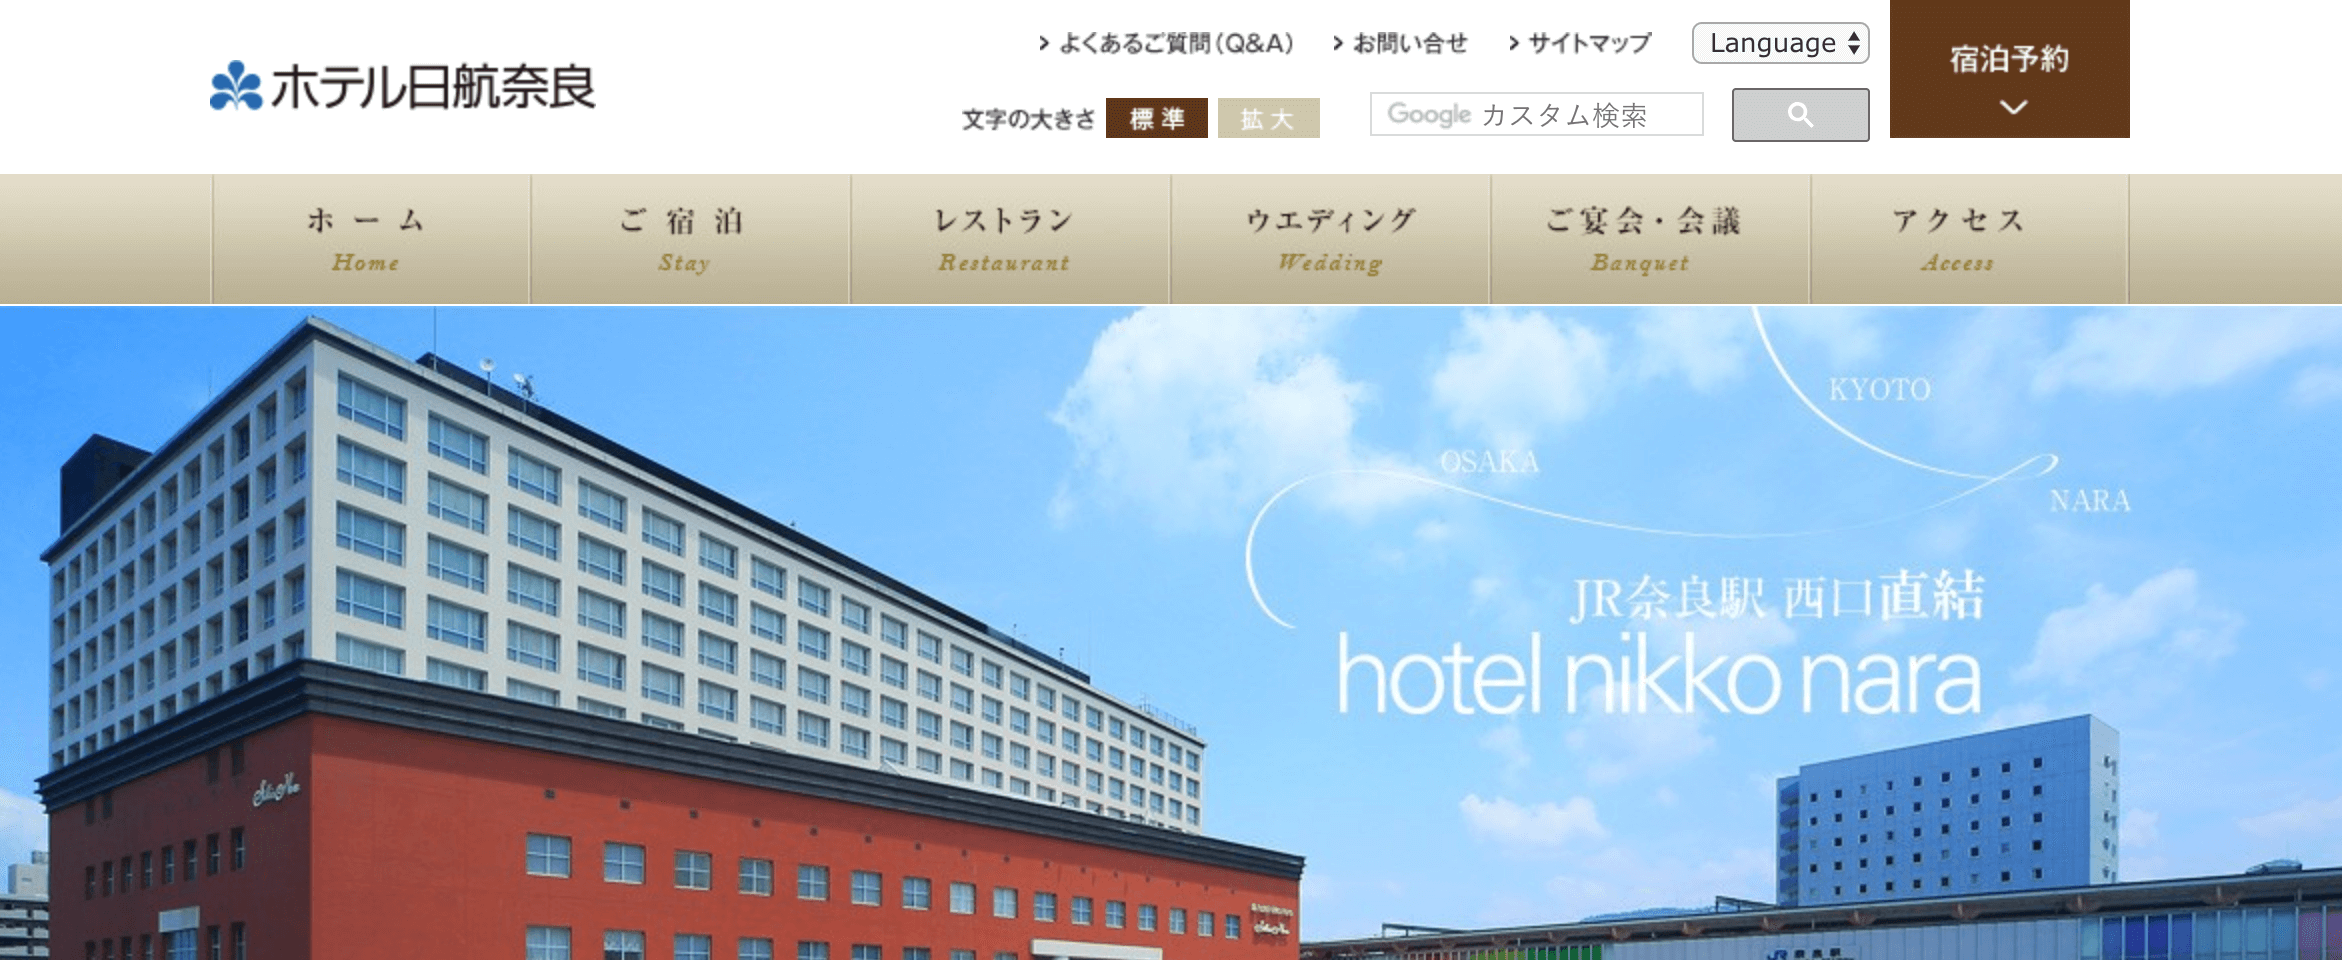 奈良でパパ活におすすめなホテル「ホテル日航奈良」